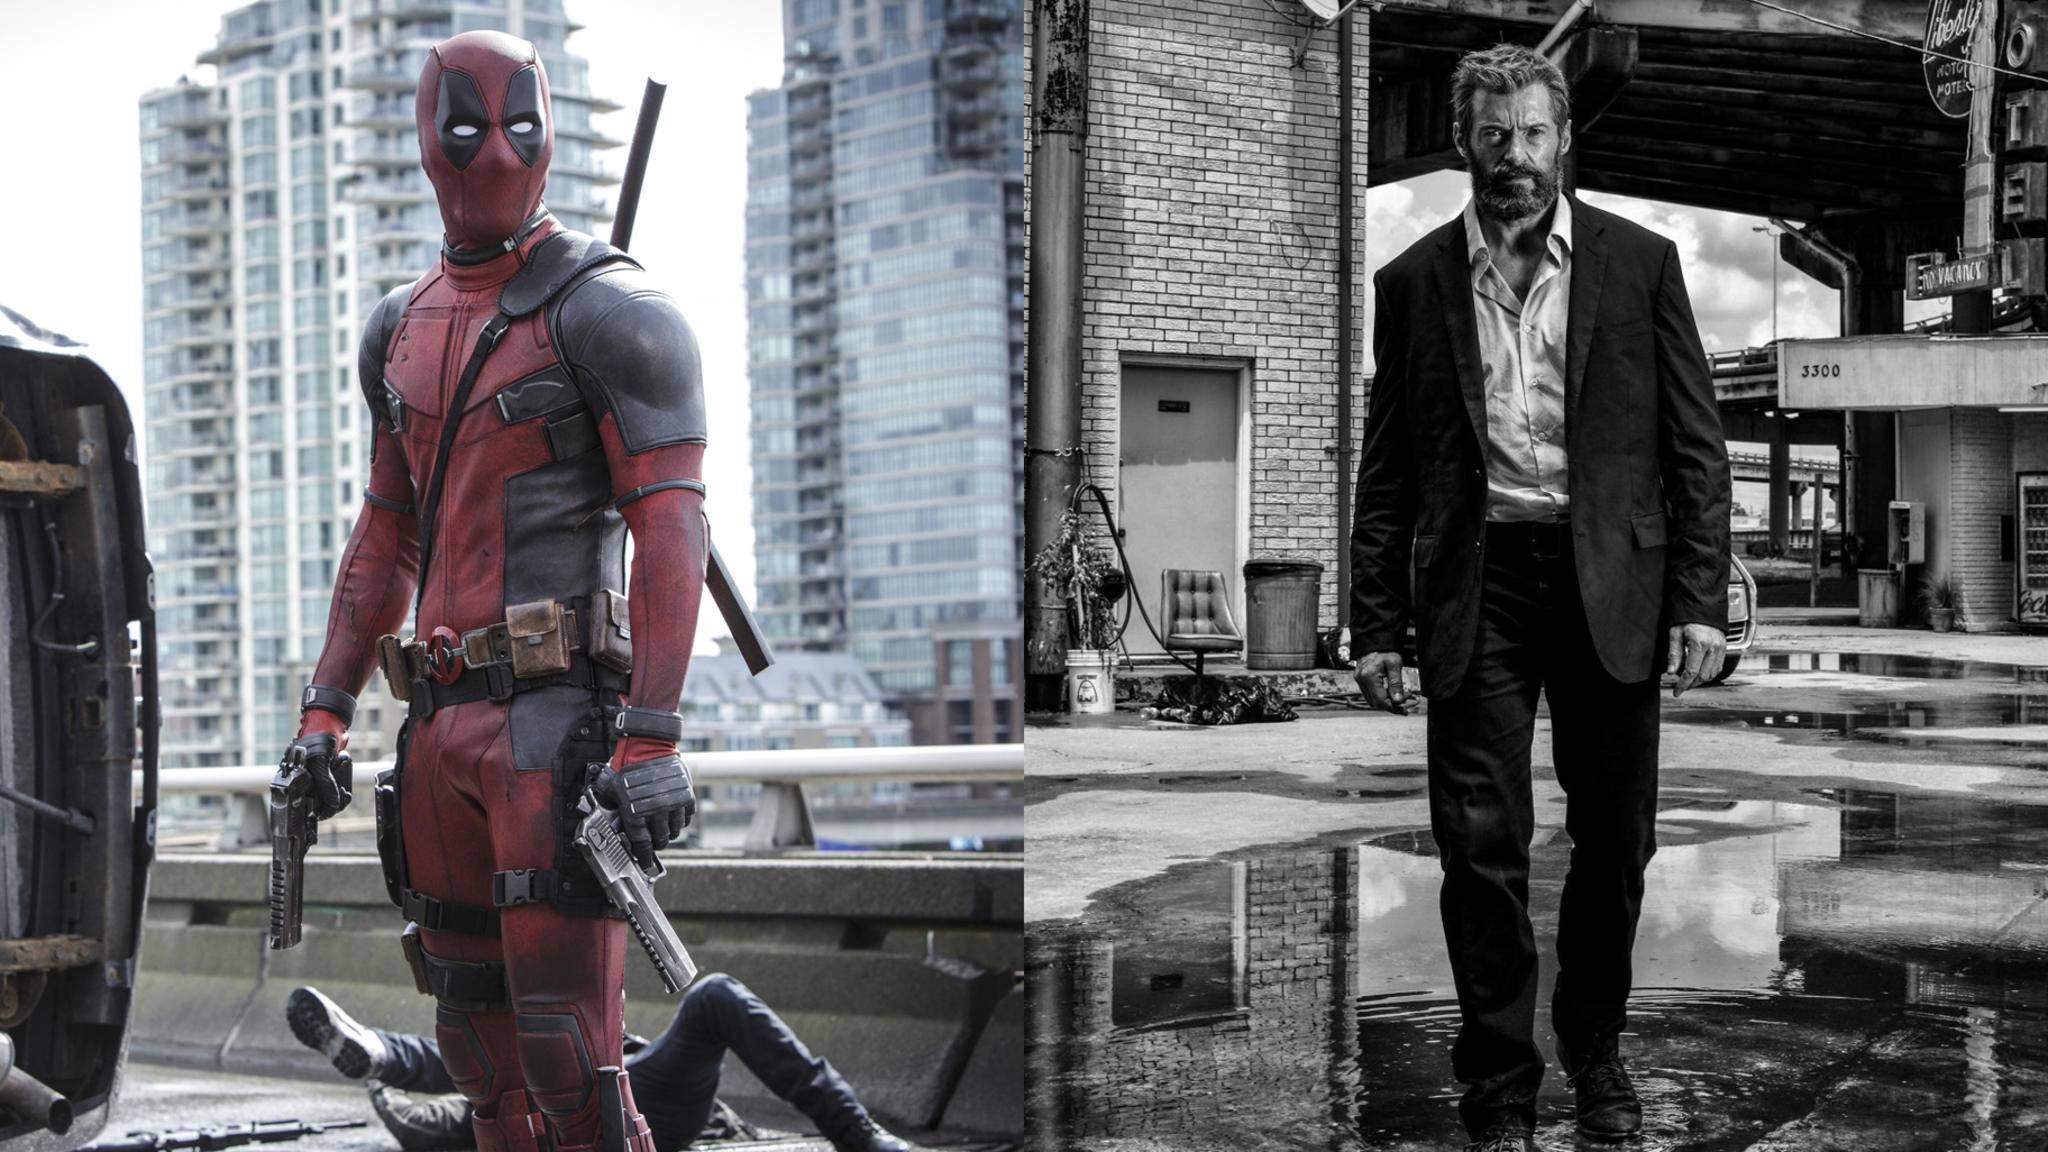 """Deadpool und Wolverine in """"Logan""""? Das würden wir zu gerne sehen!"""